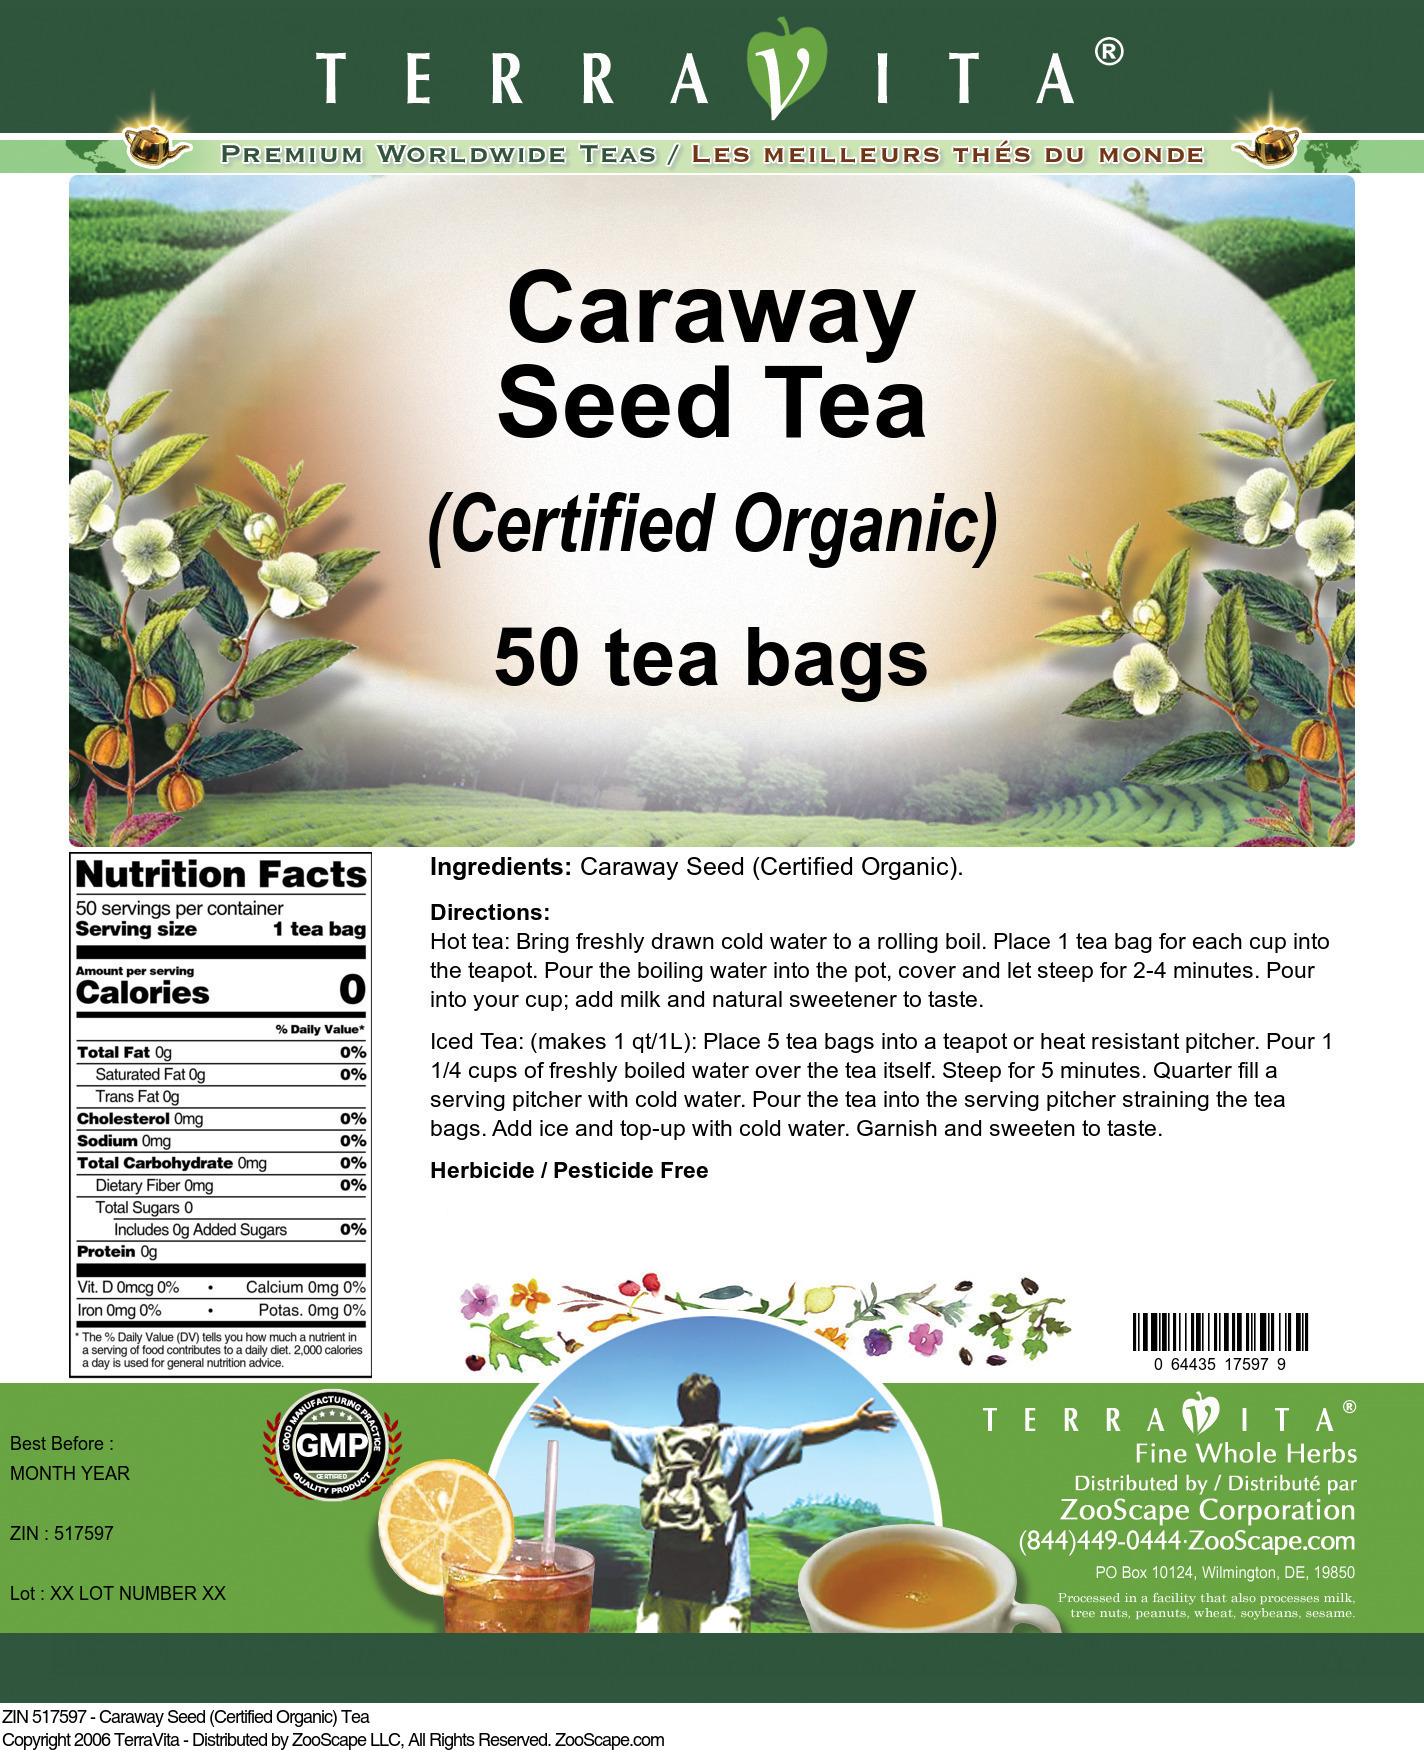 Caraway Seed (Certified Organic) Tea - Label